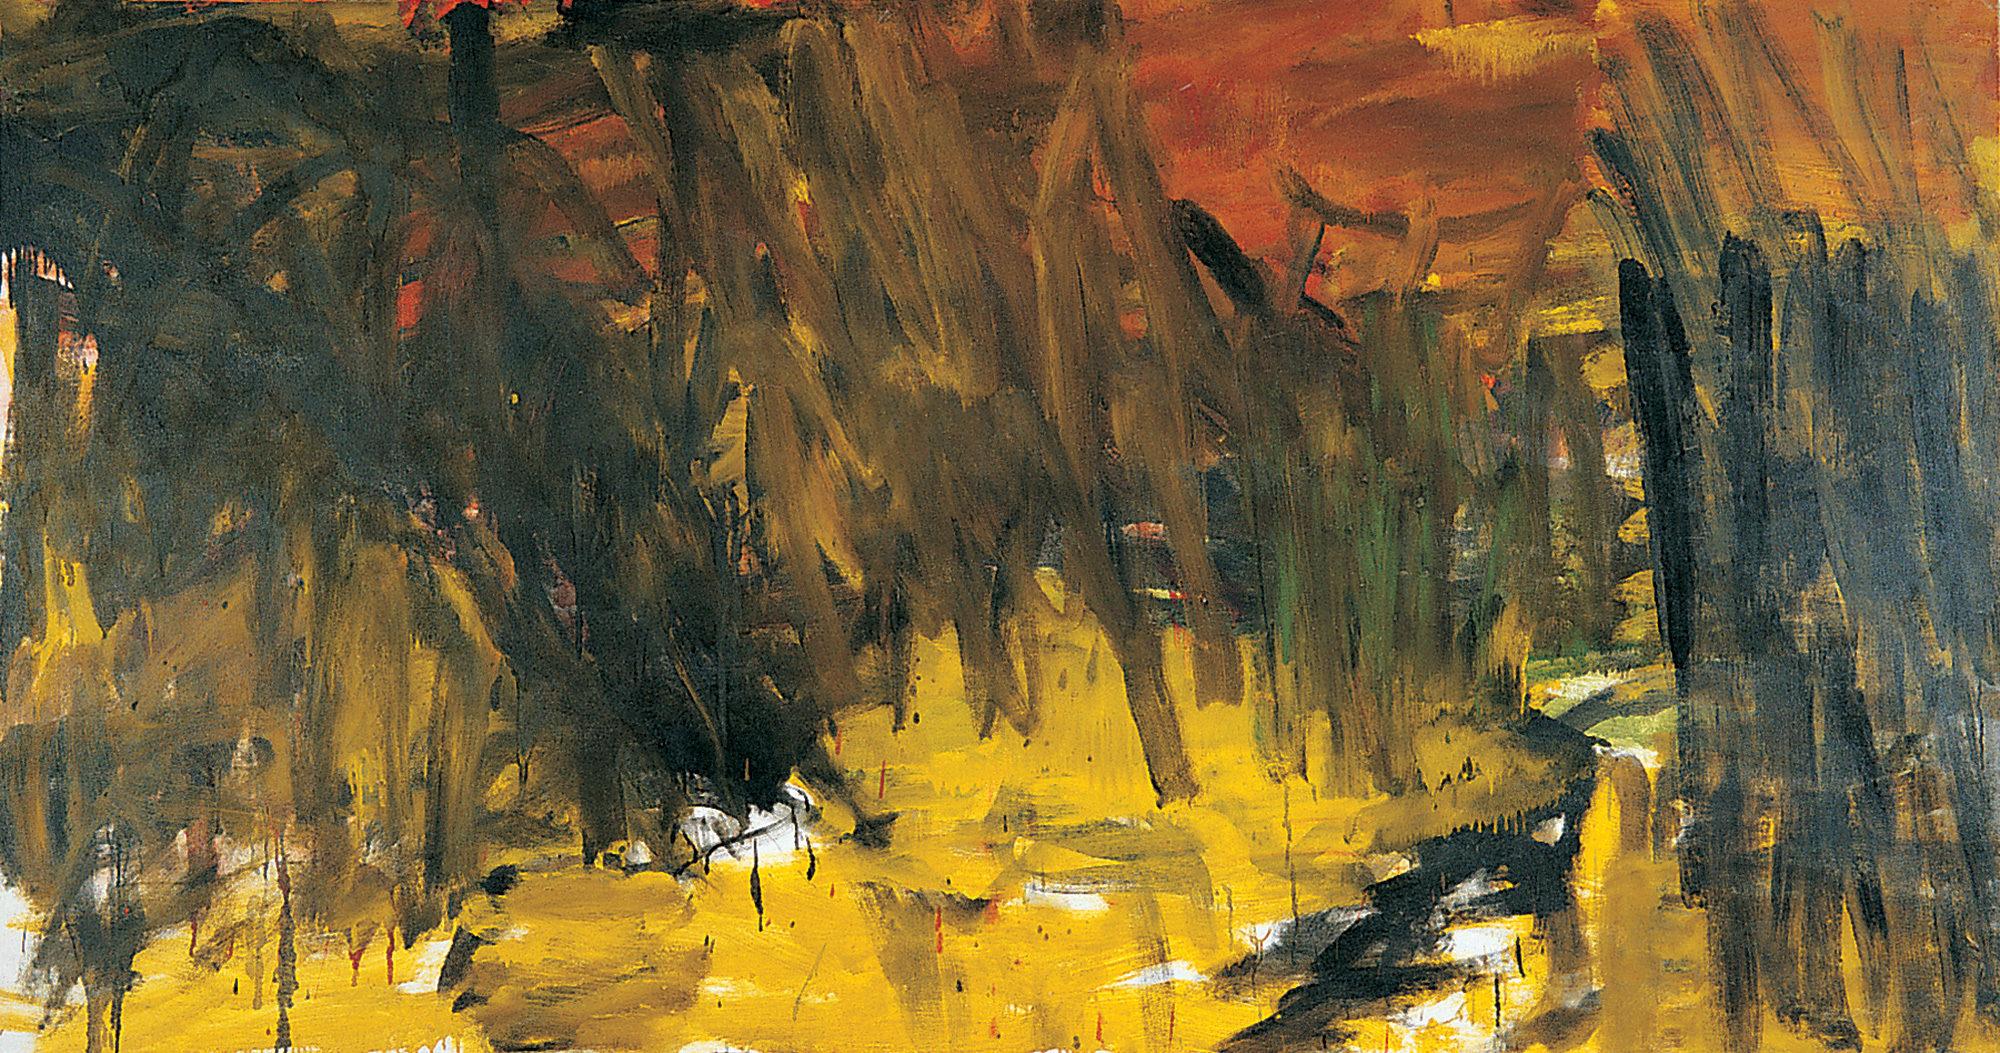 Près des champs, 2005, huile sur toile, 125 x 250 cm. (Photo © A.Morain)